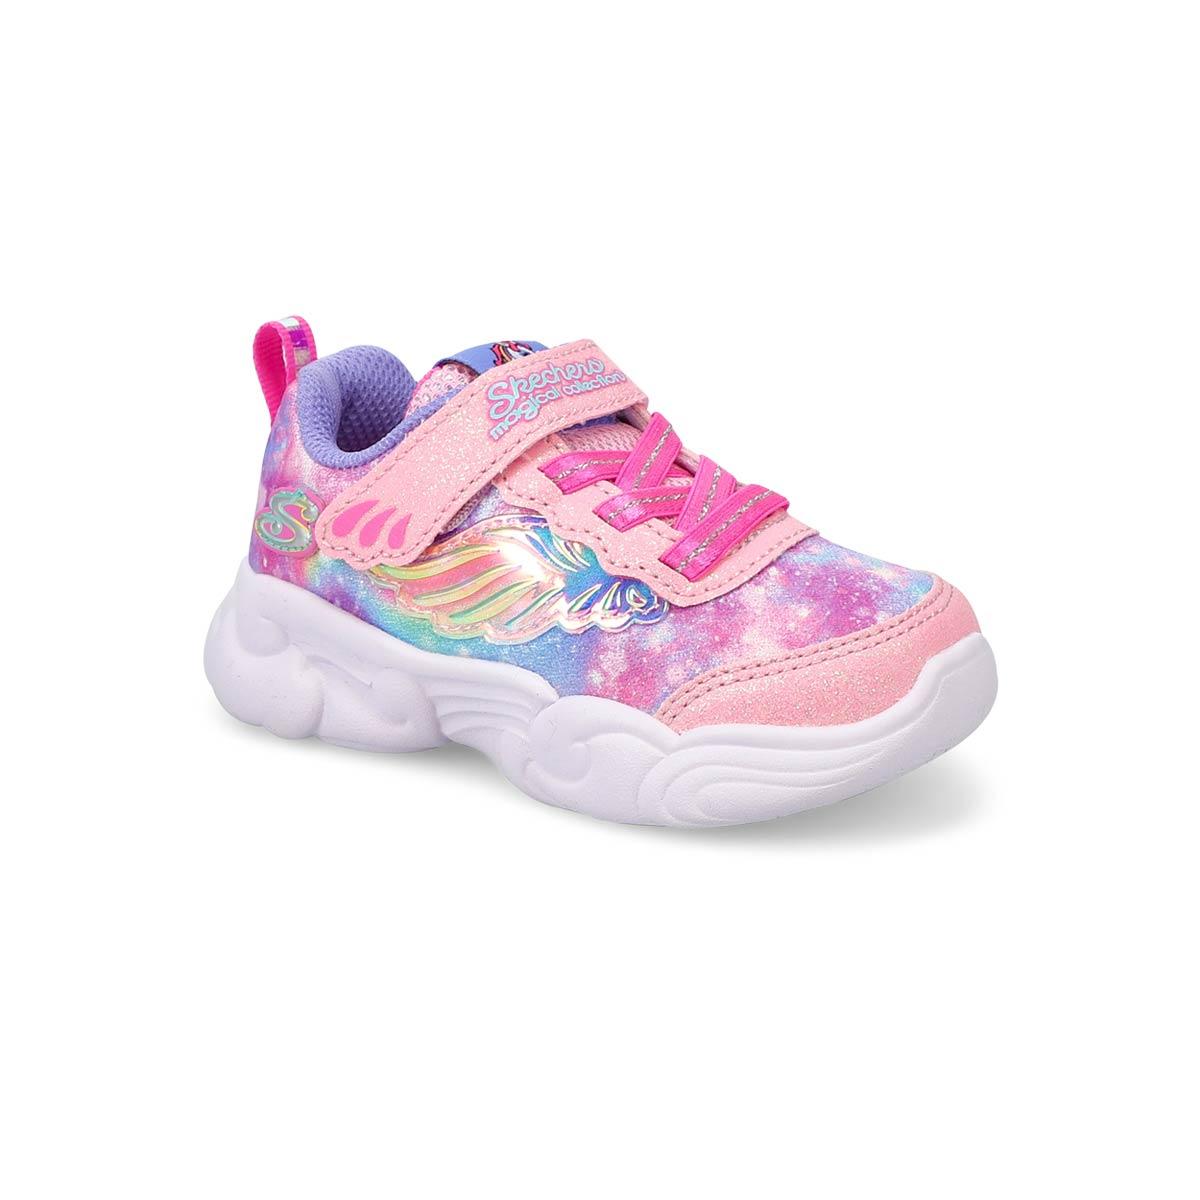 Infants' Comfy Flex 2.0 Sneaker - Lavender/Pink